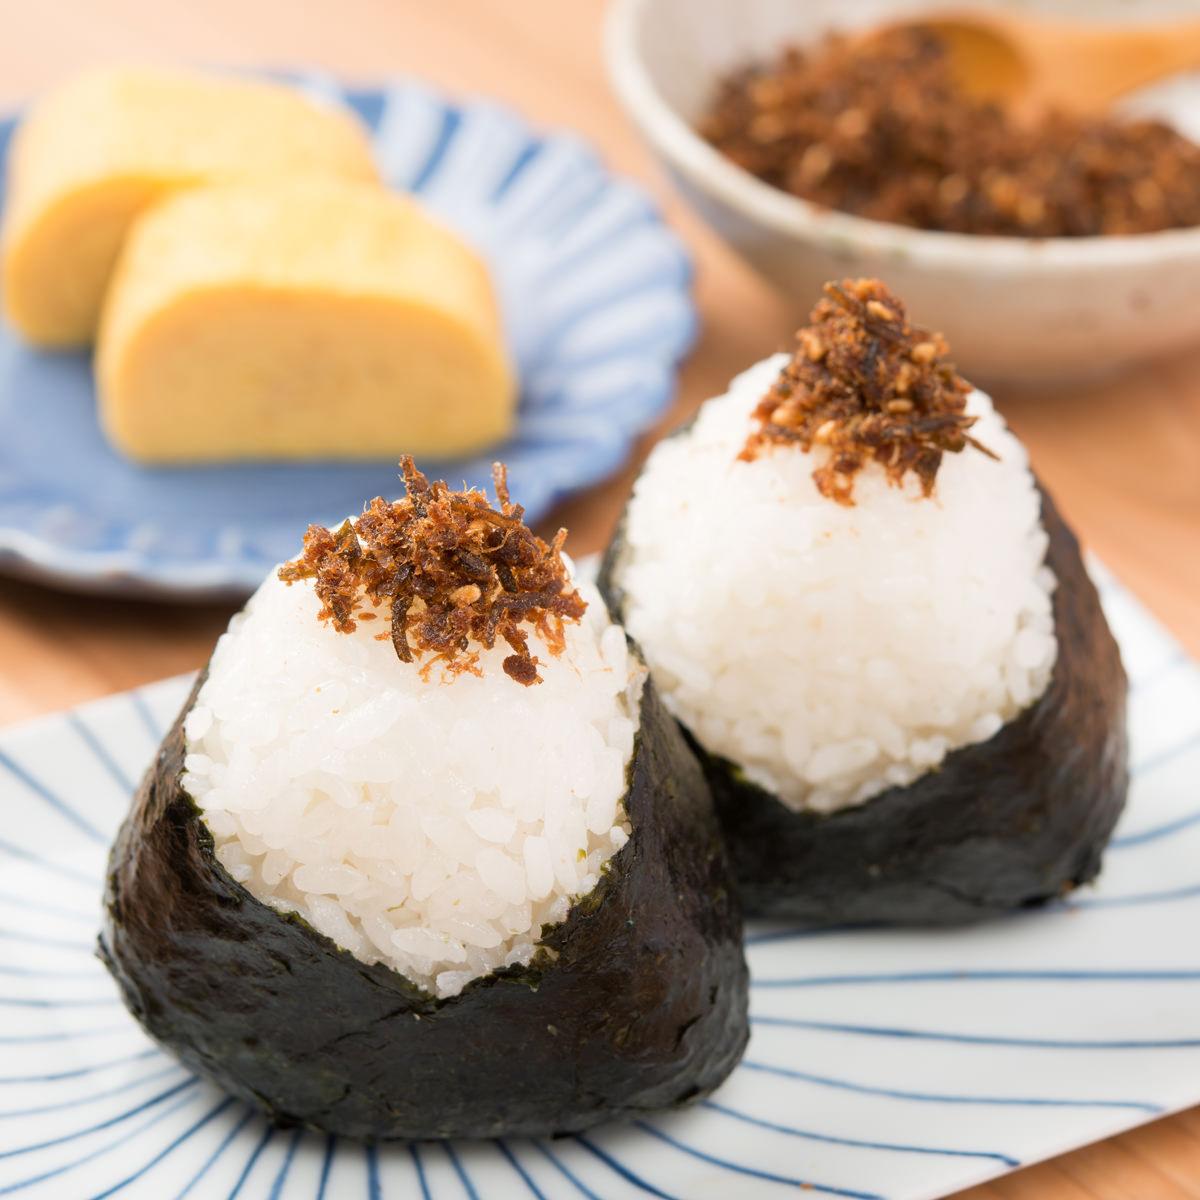 カネハツ食品 北海道産昆布 磯のうたげ かつおふぶき 5袋 セット〔60g×5〕